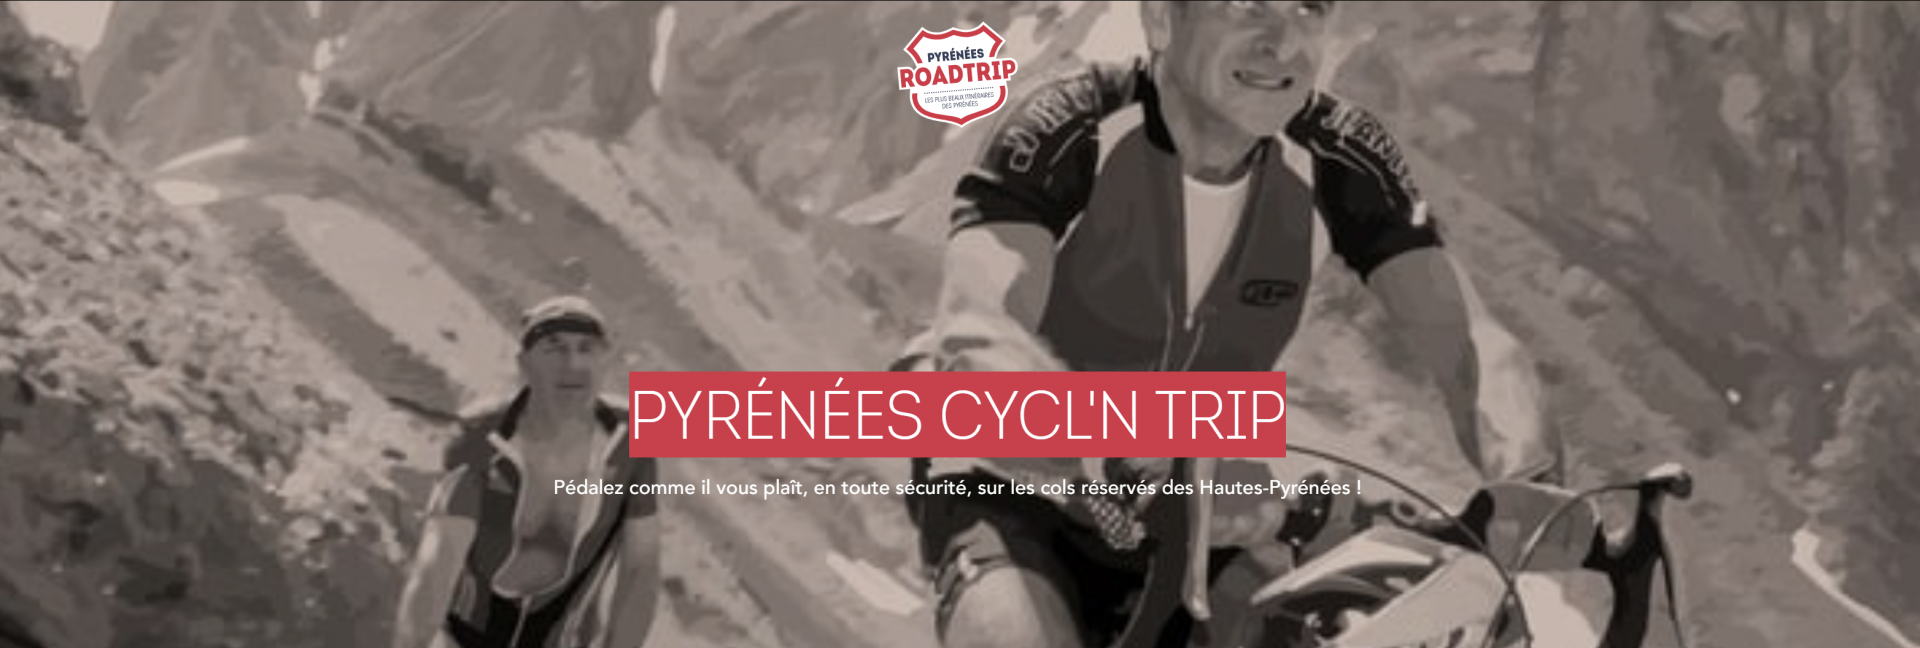 Cycle n trip 2021